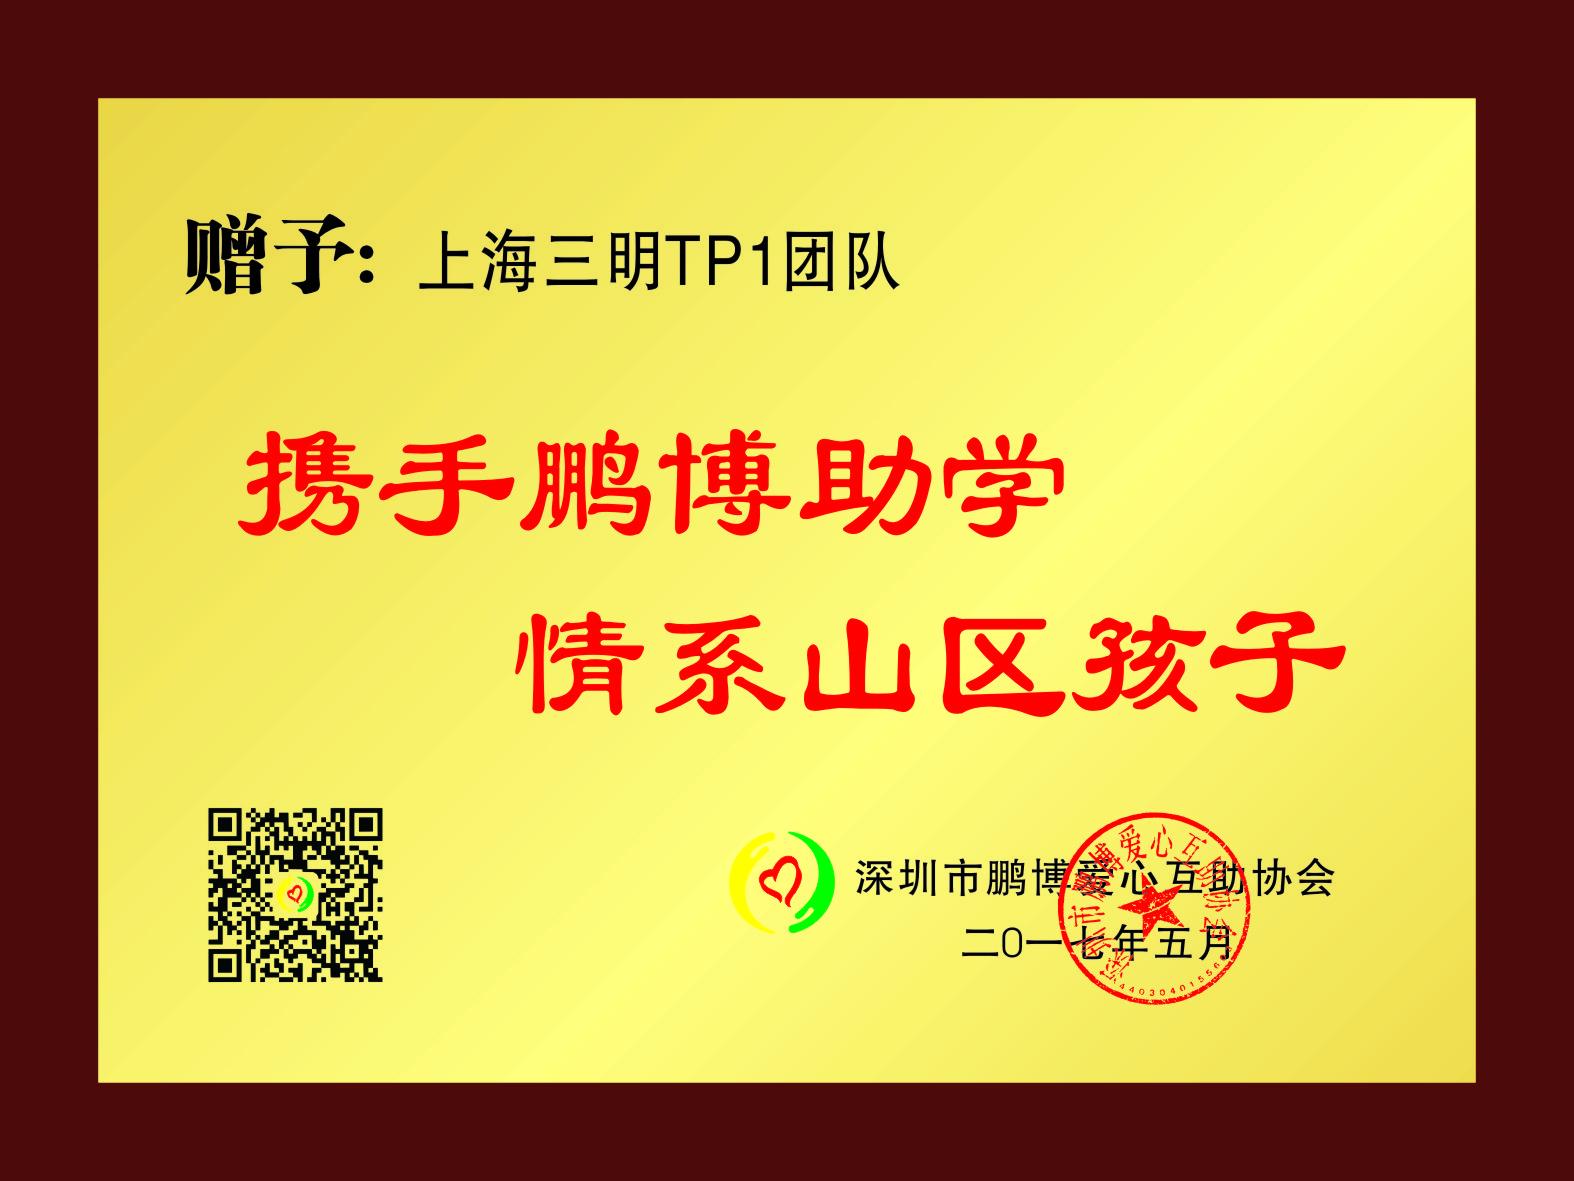 上海三明TP1团队.jpg